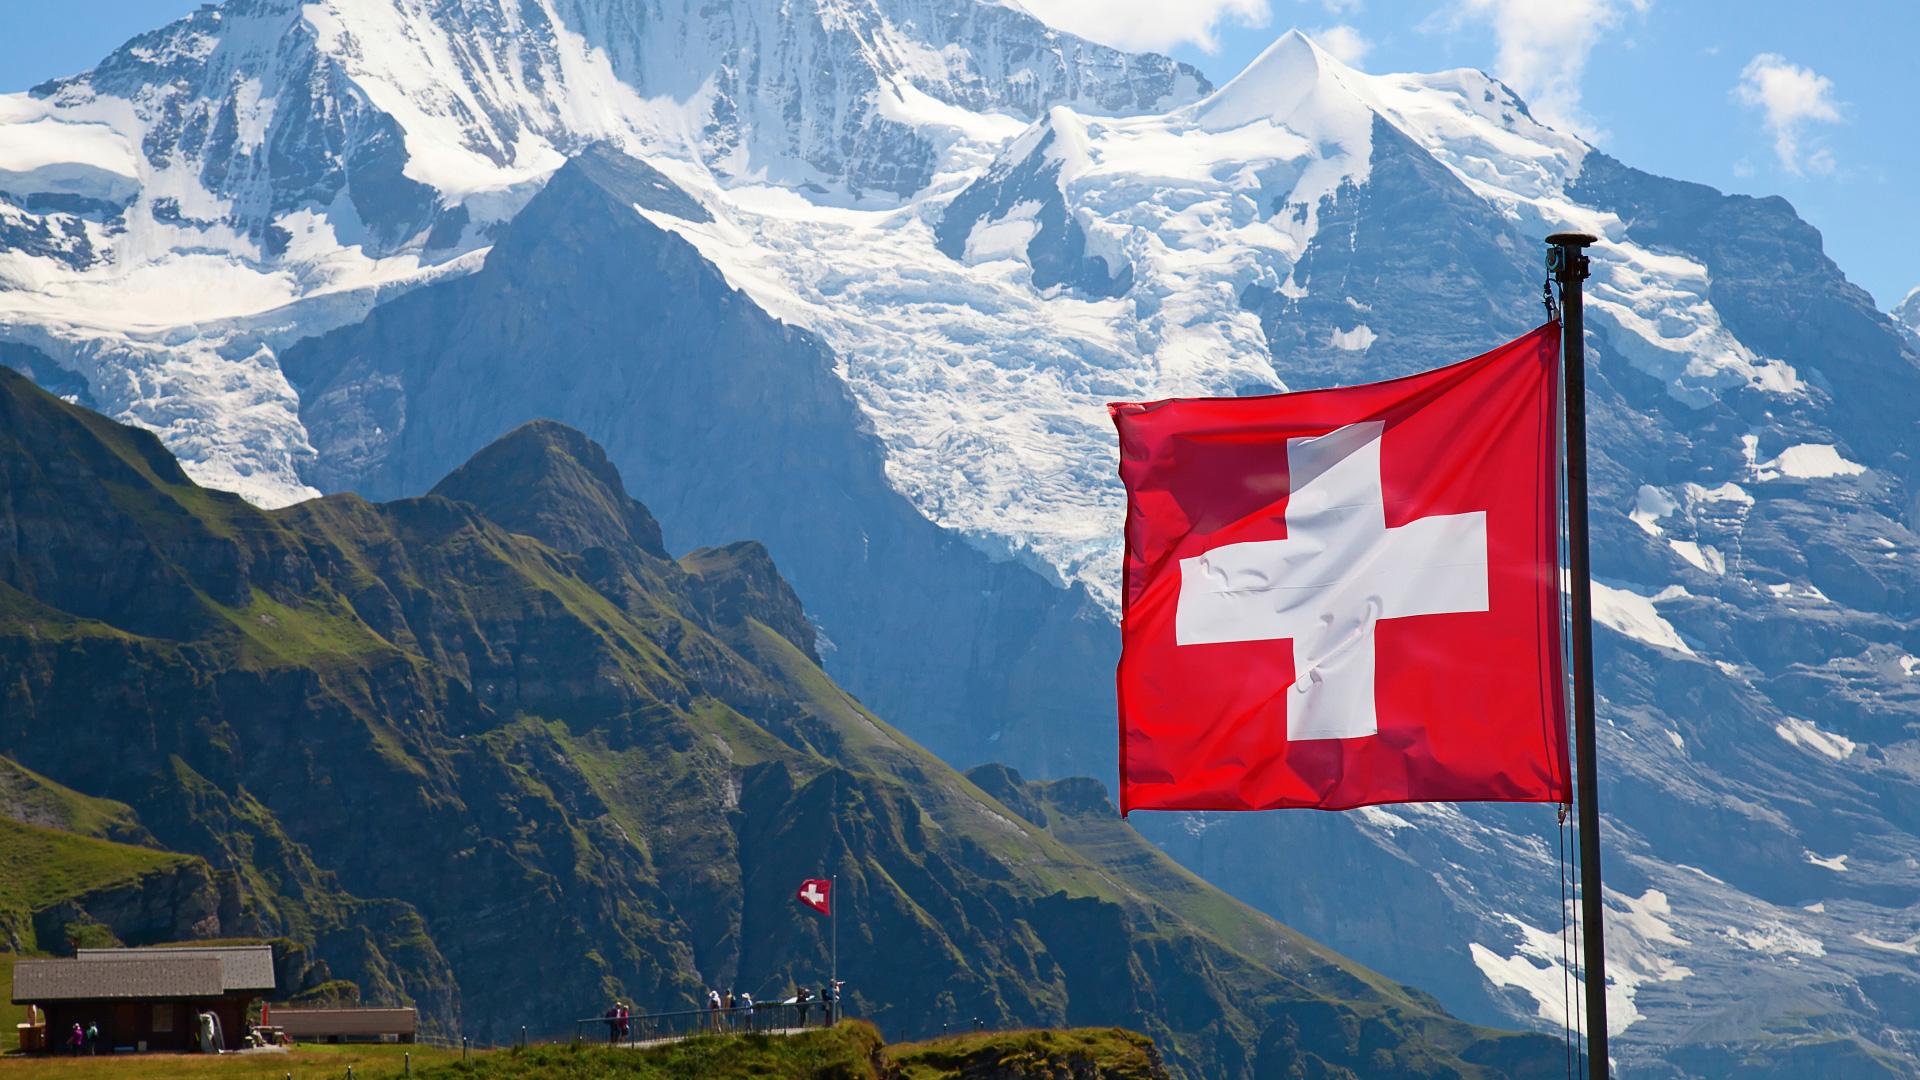 les suisses disent oui par r u00e9f u00e9rendum  u00e0 leur loi sur le renseignement - politique